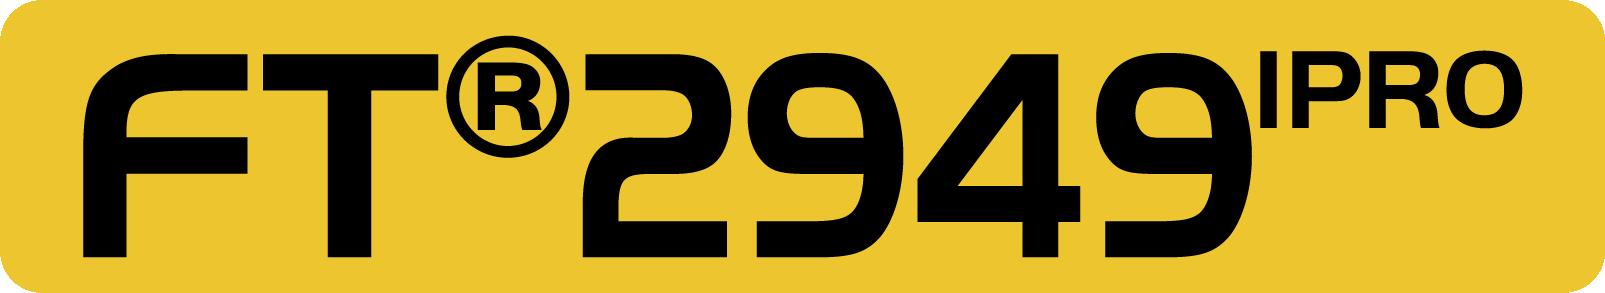 FTR 2949 IPRO